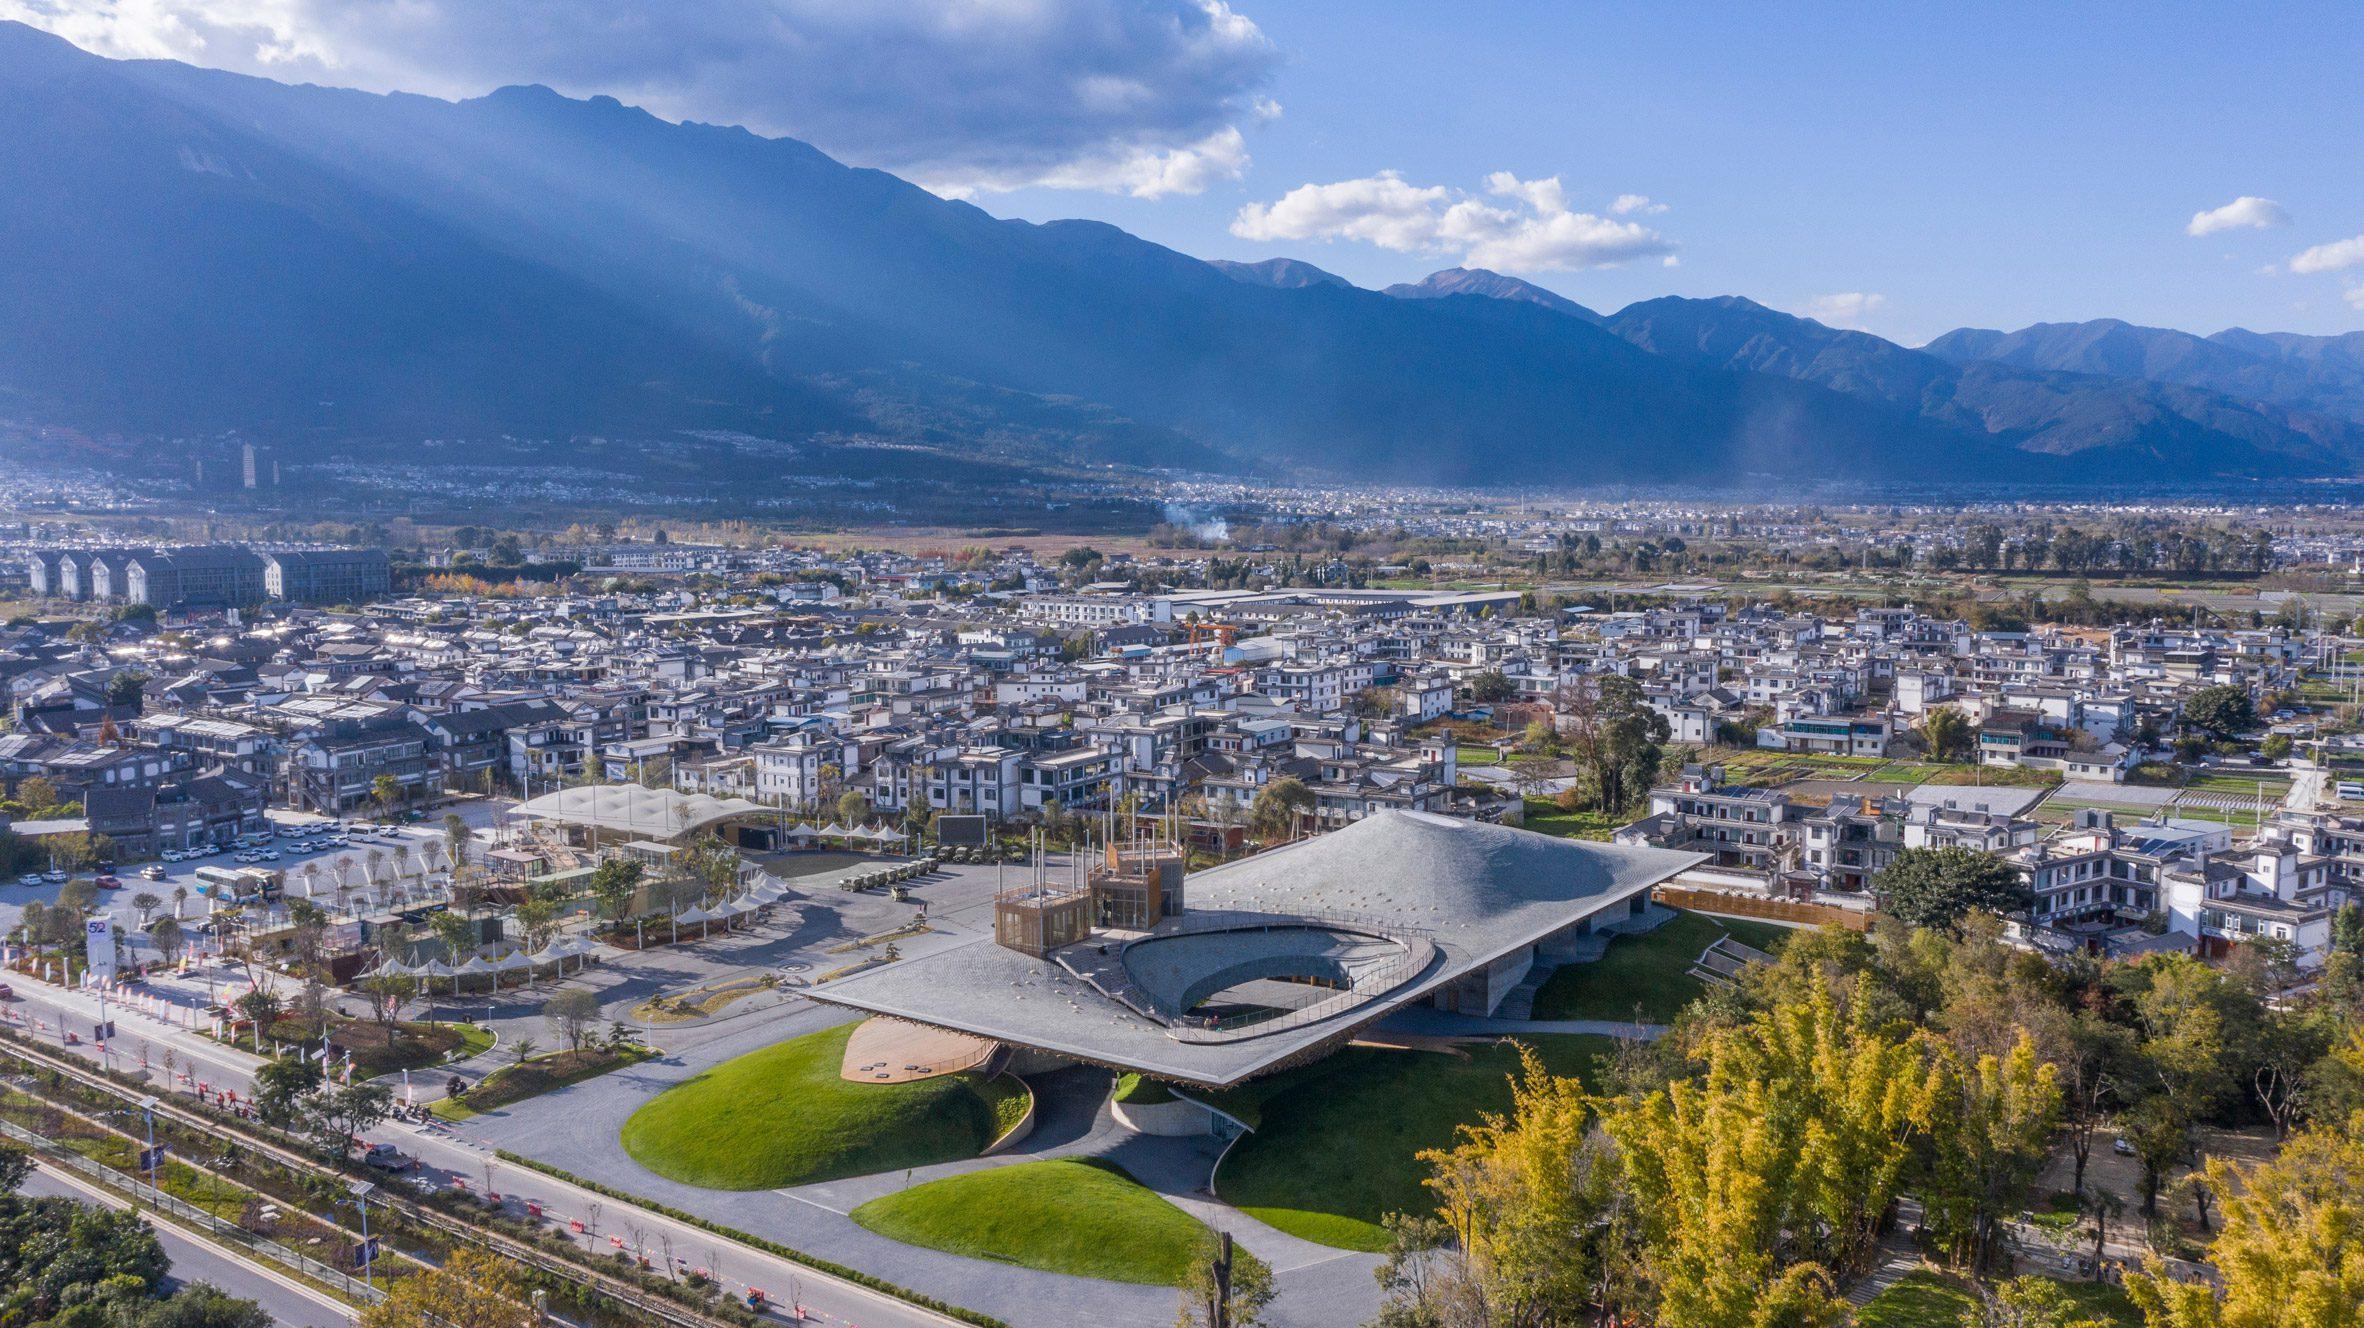 Aerial image of Yang Liping Performing Arts Center